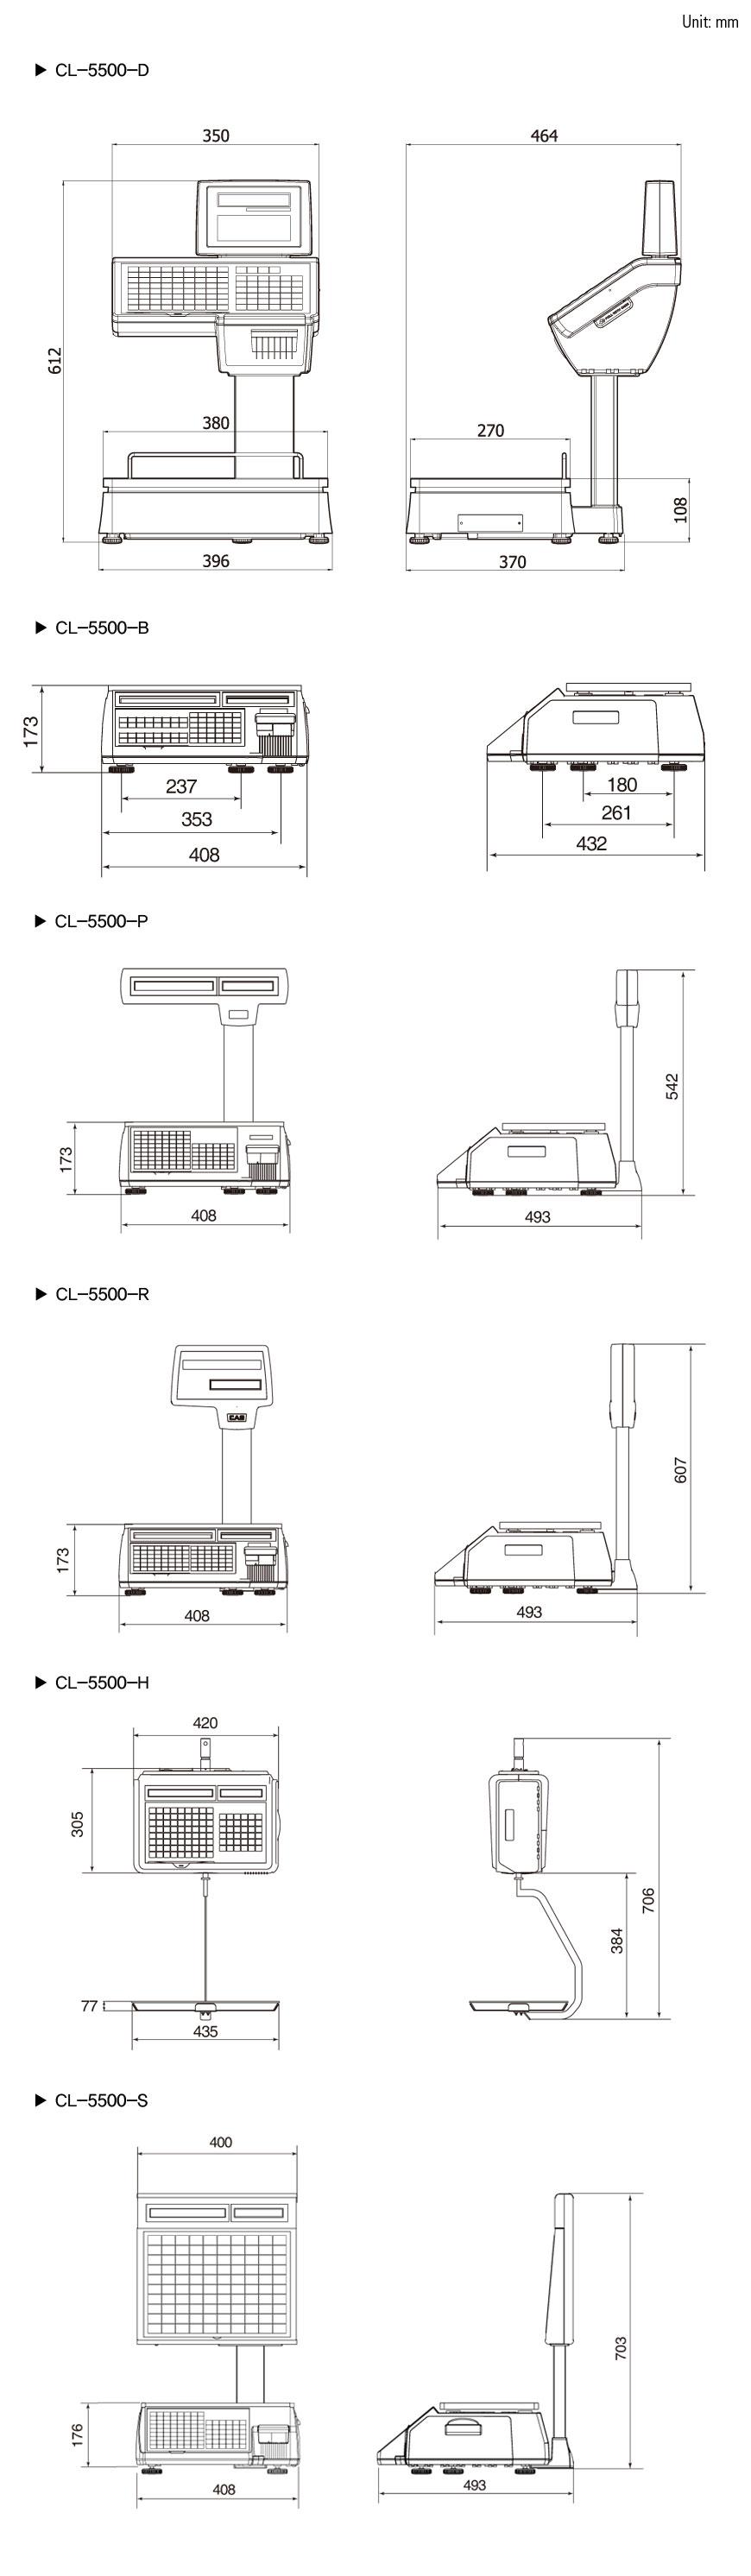 41a6eef71a Retail-Cân điện tử in nhãn CAS CL5500-P Cân siêu thị